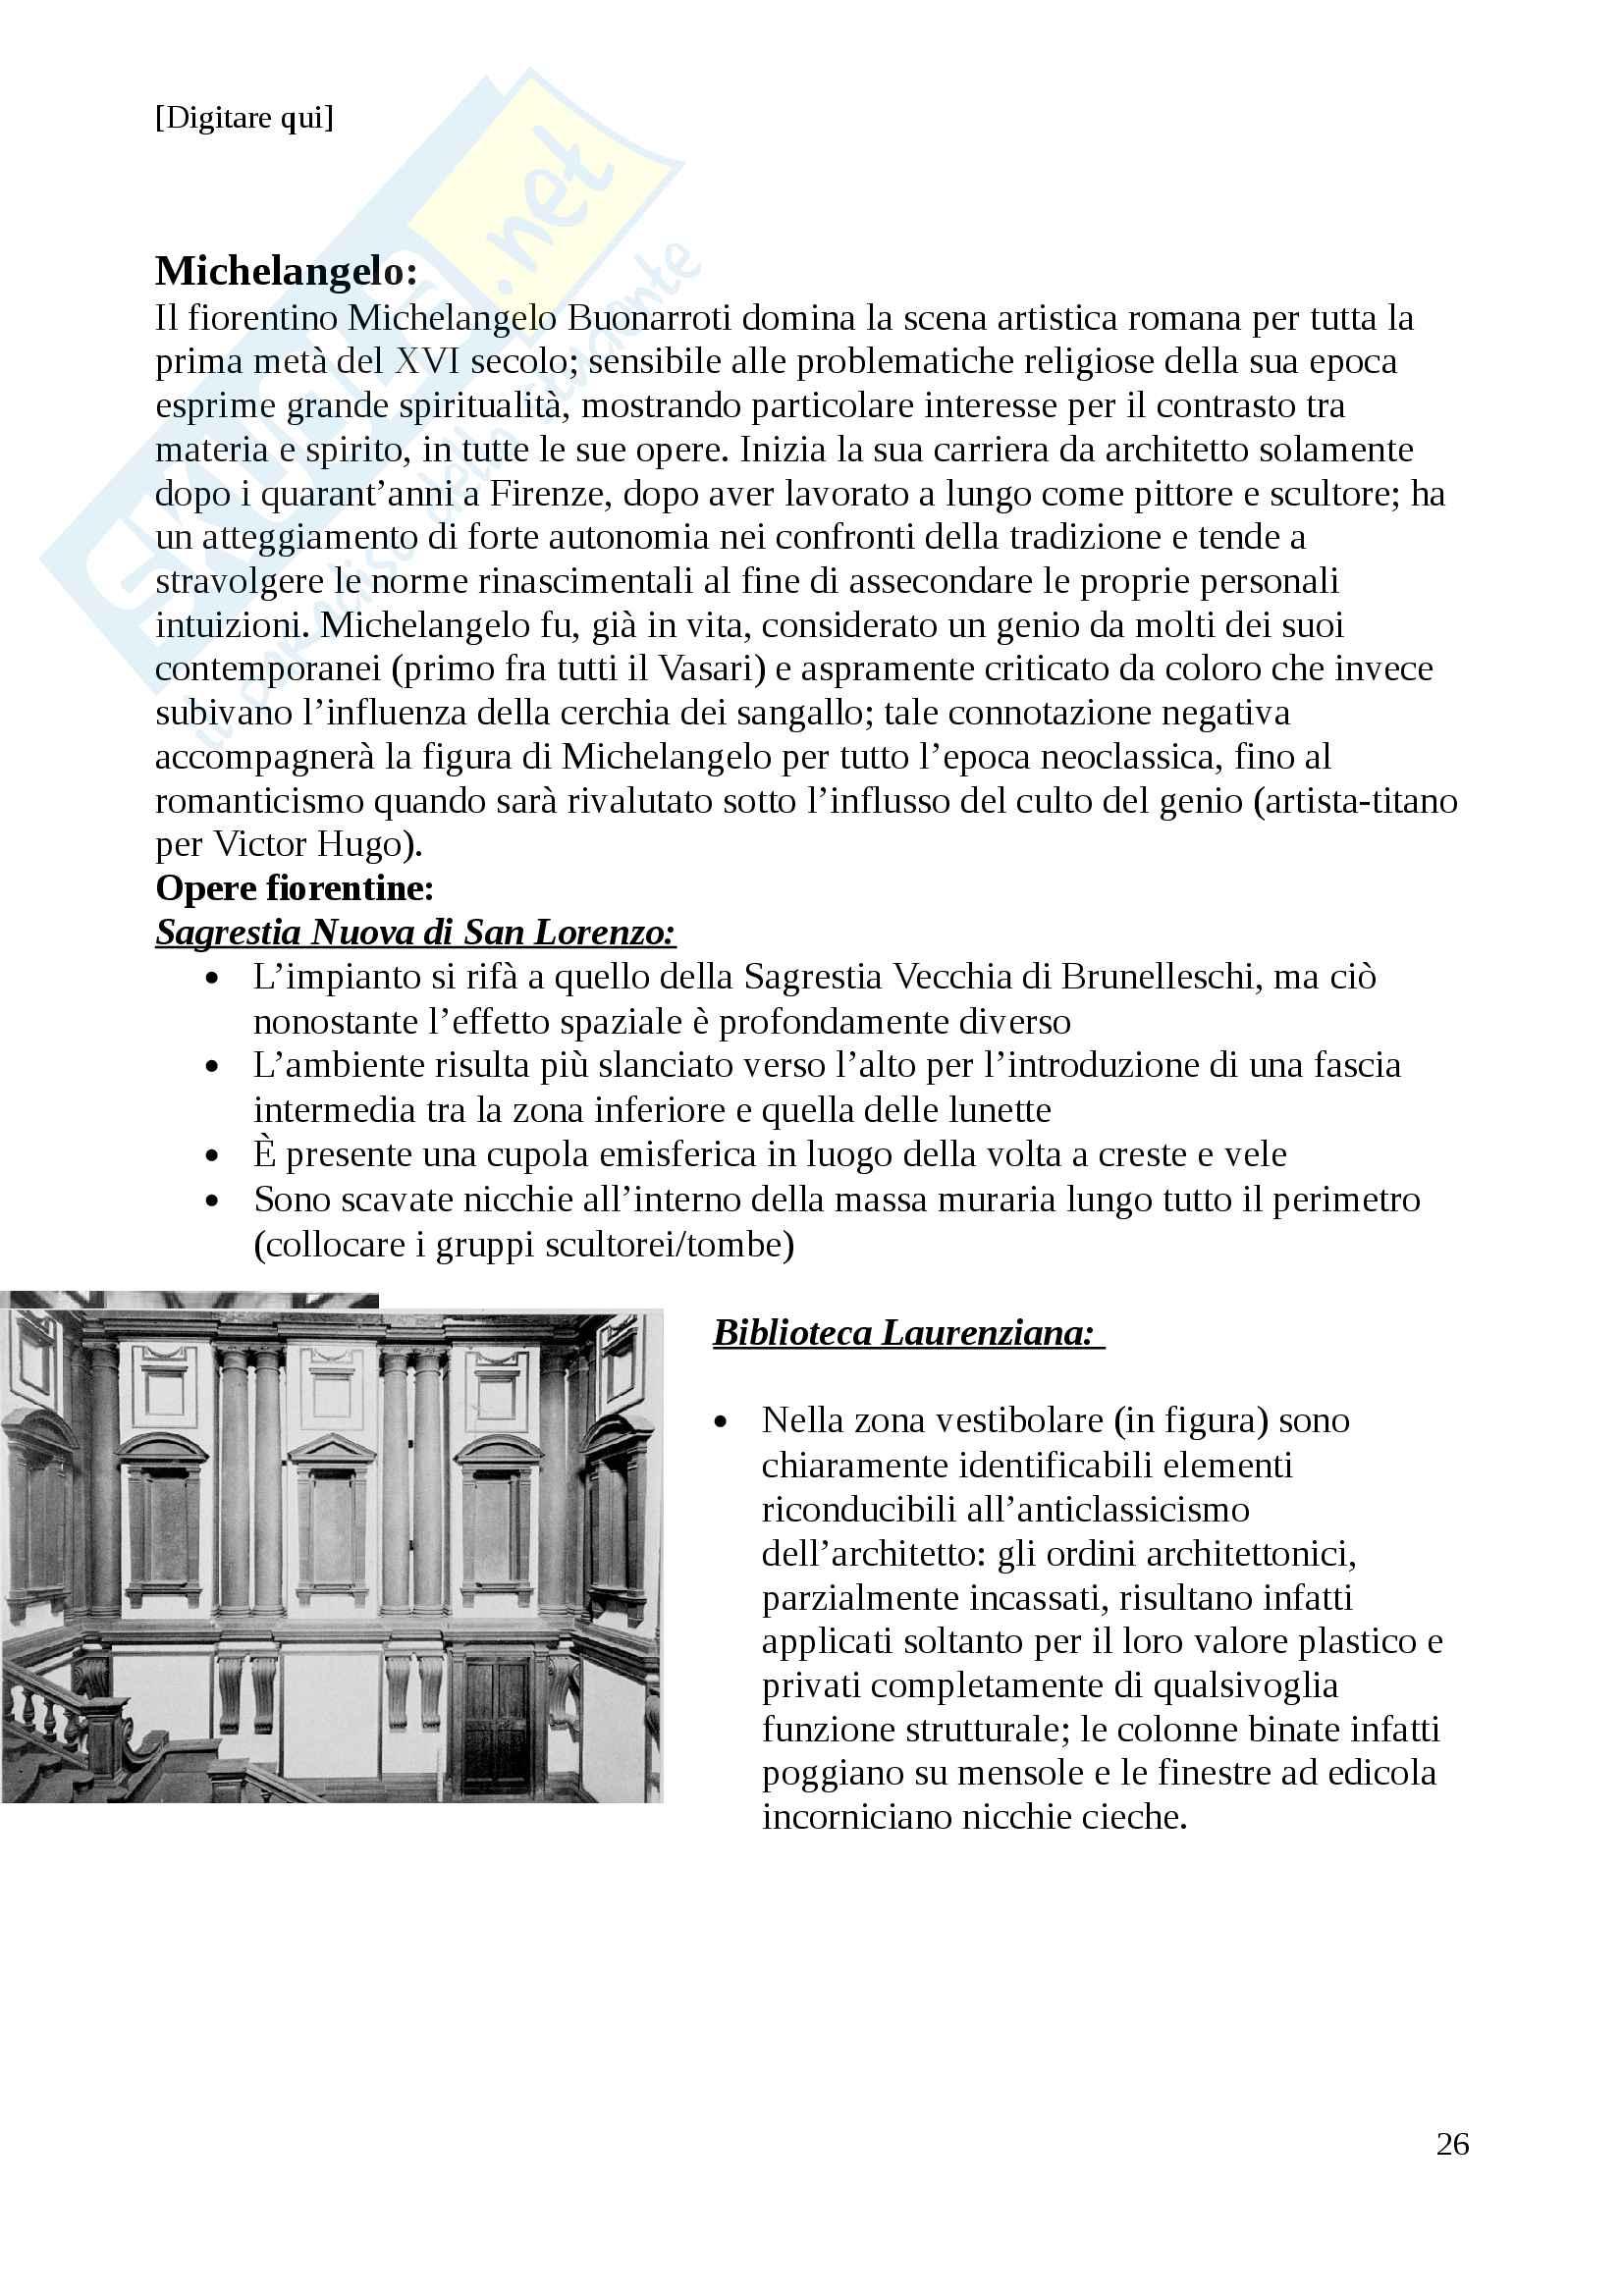 Storia dell'architettura dal 400 al 700 Pag. 26